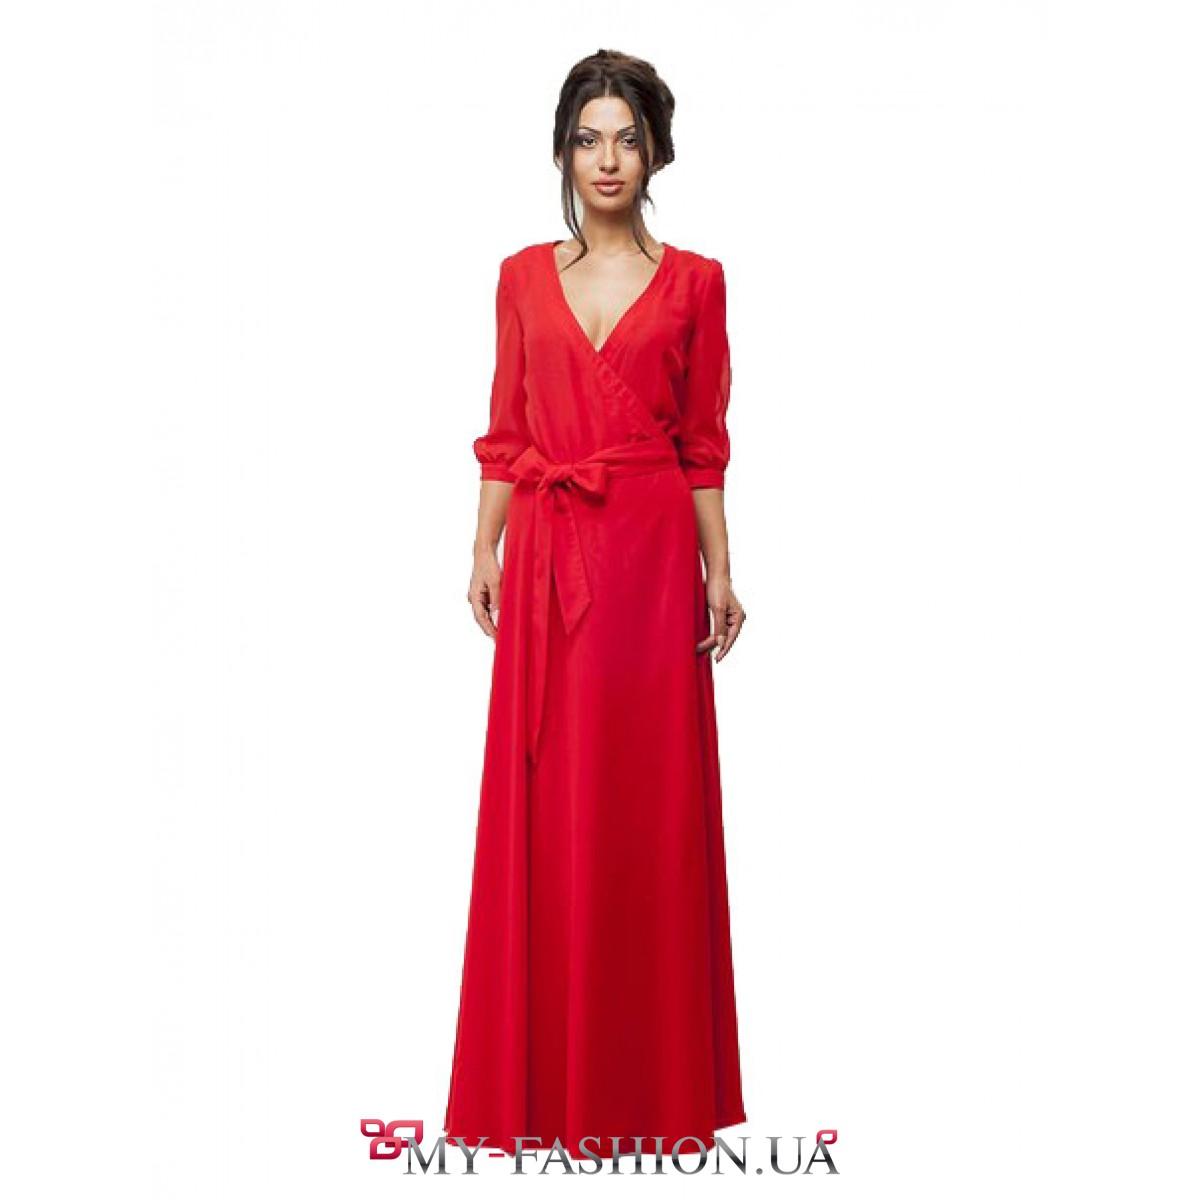 Платья юбки кофты доставка